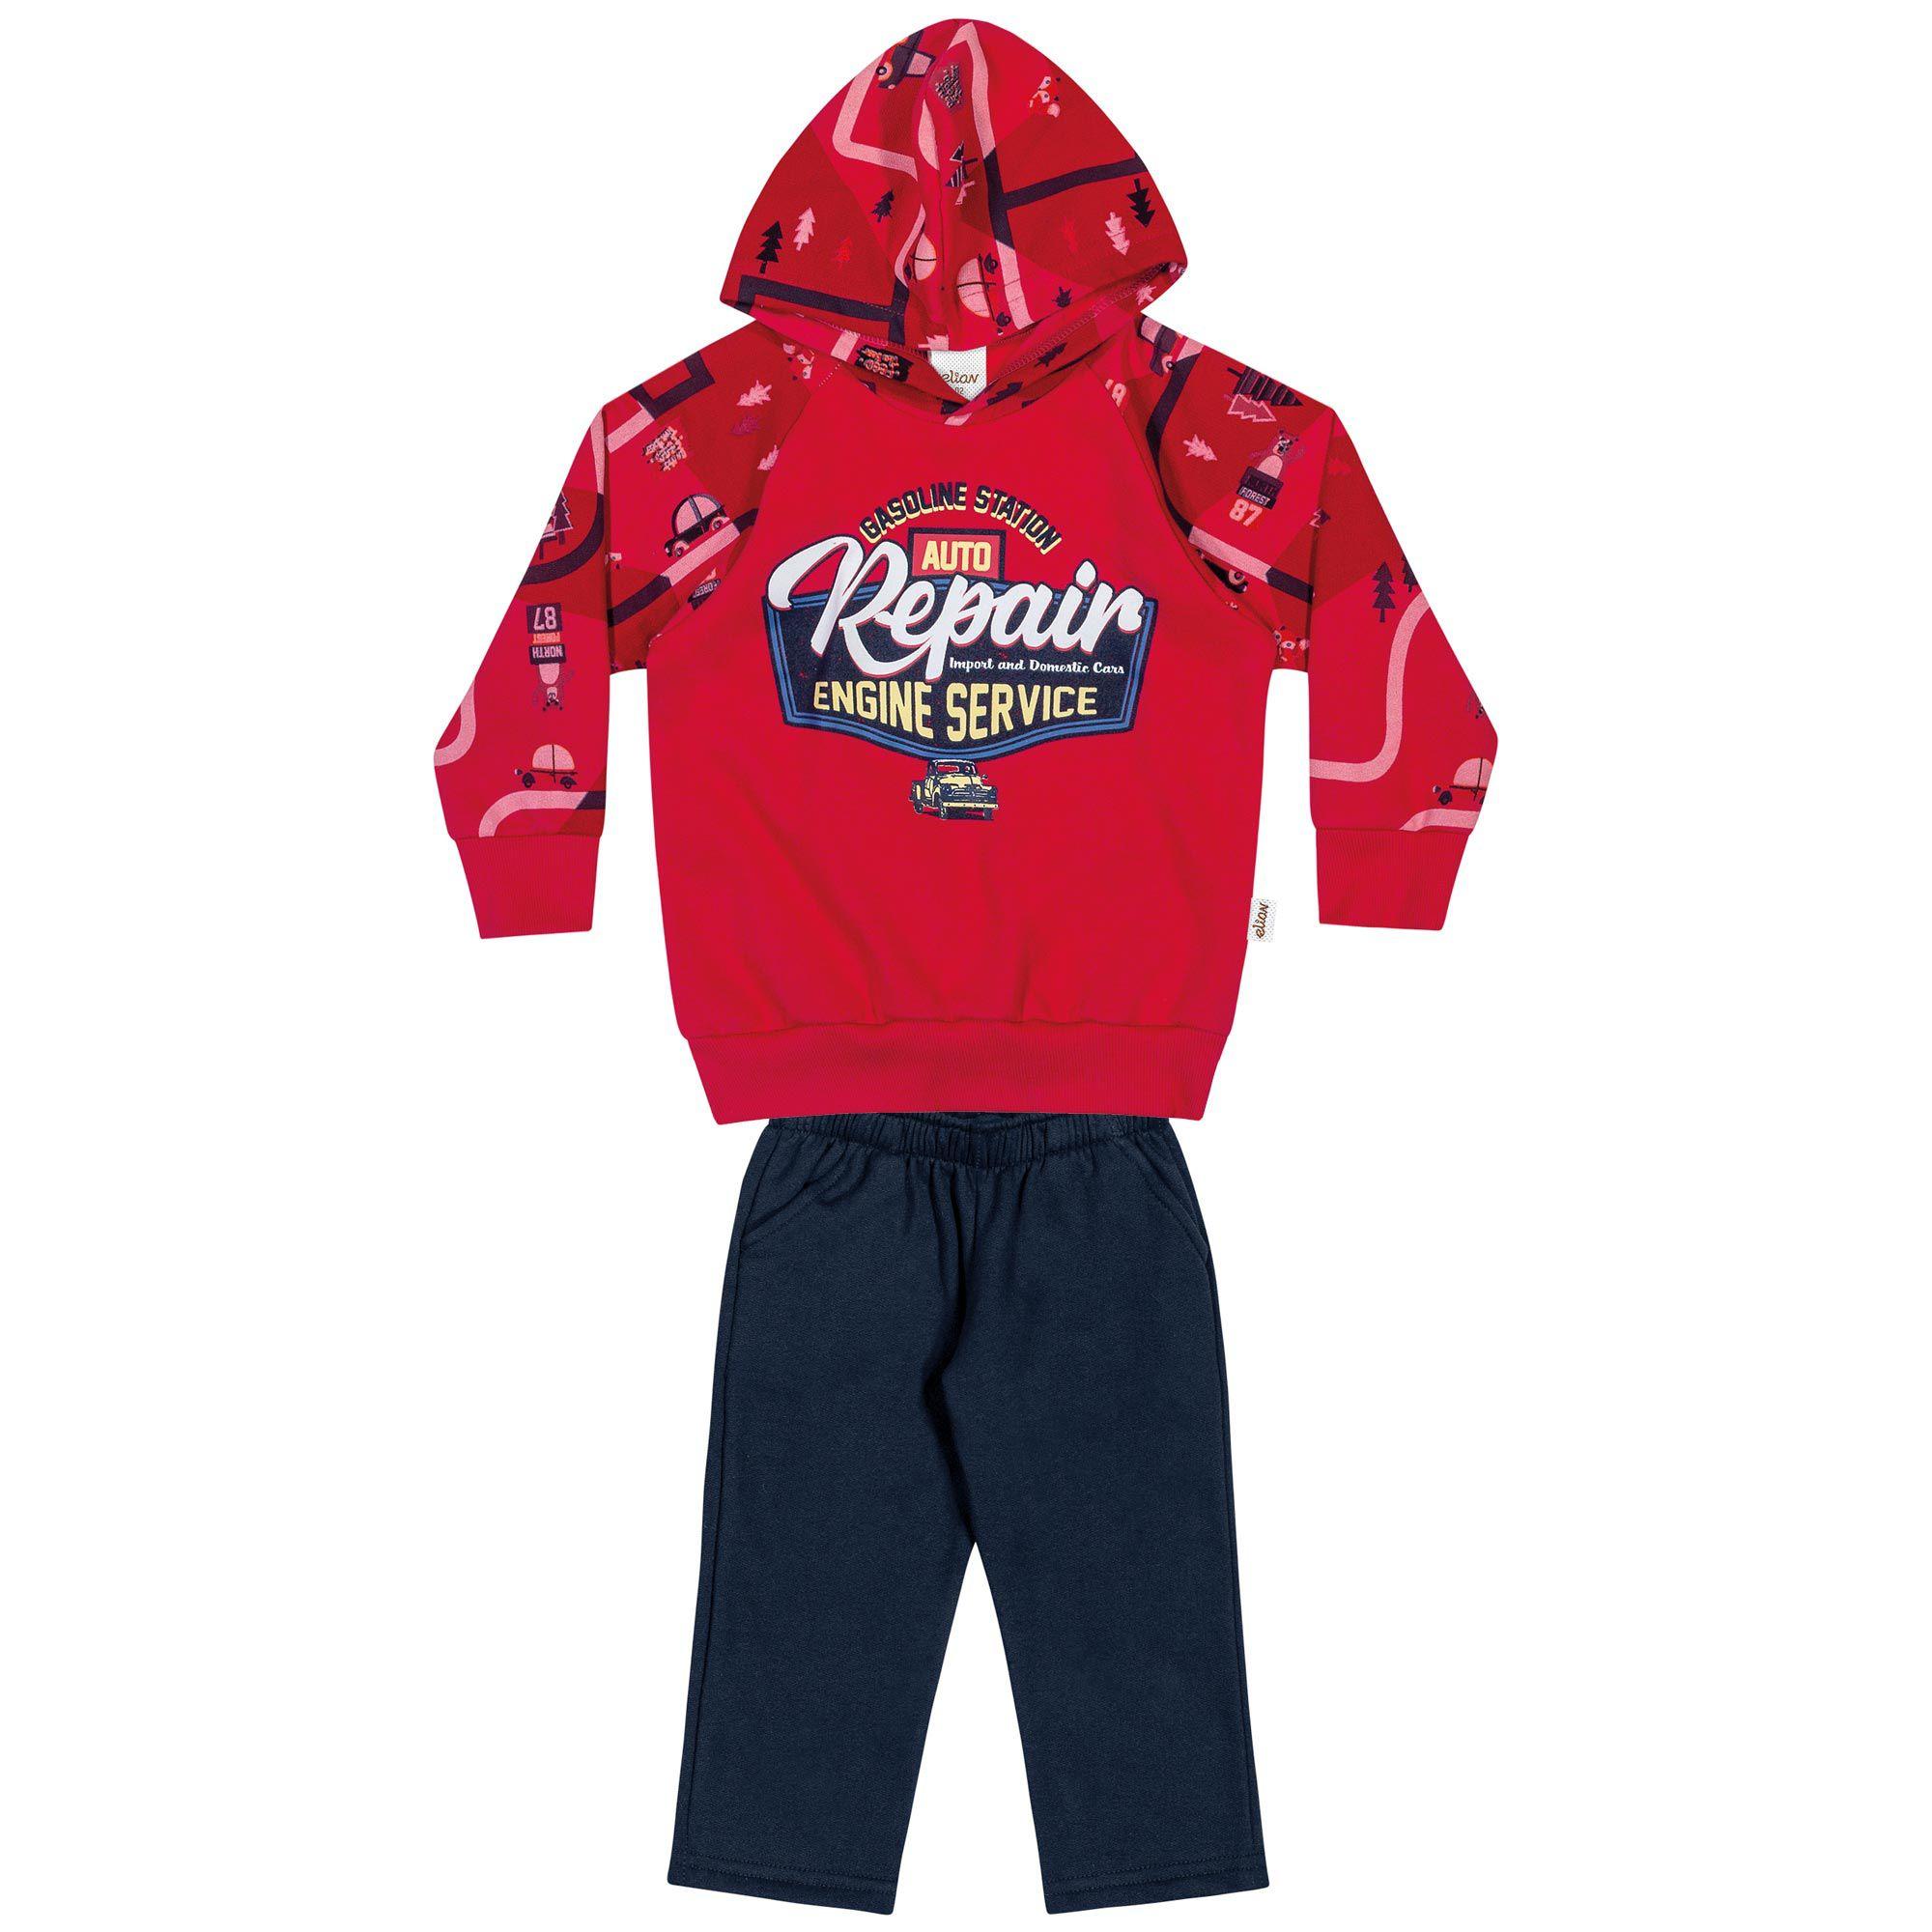 Conjunto Masculino Infantil Elian com Blusão e Calça - Ref 22875 - Vermelho